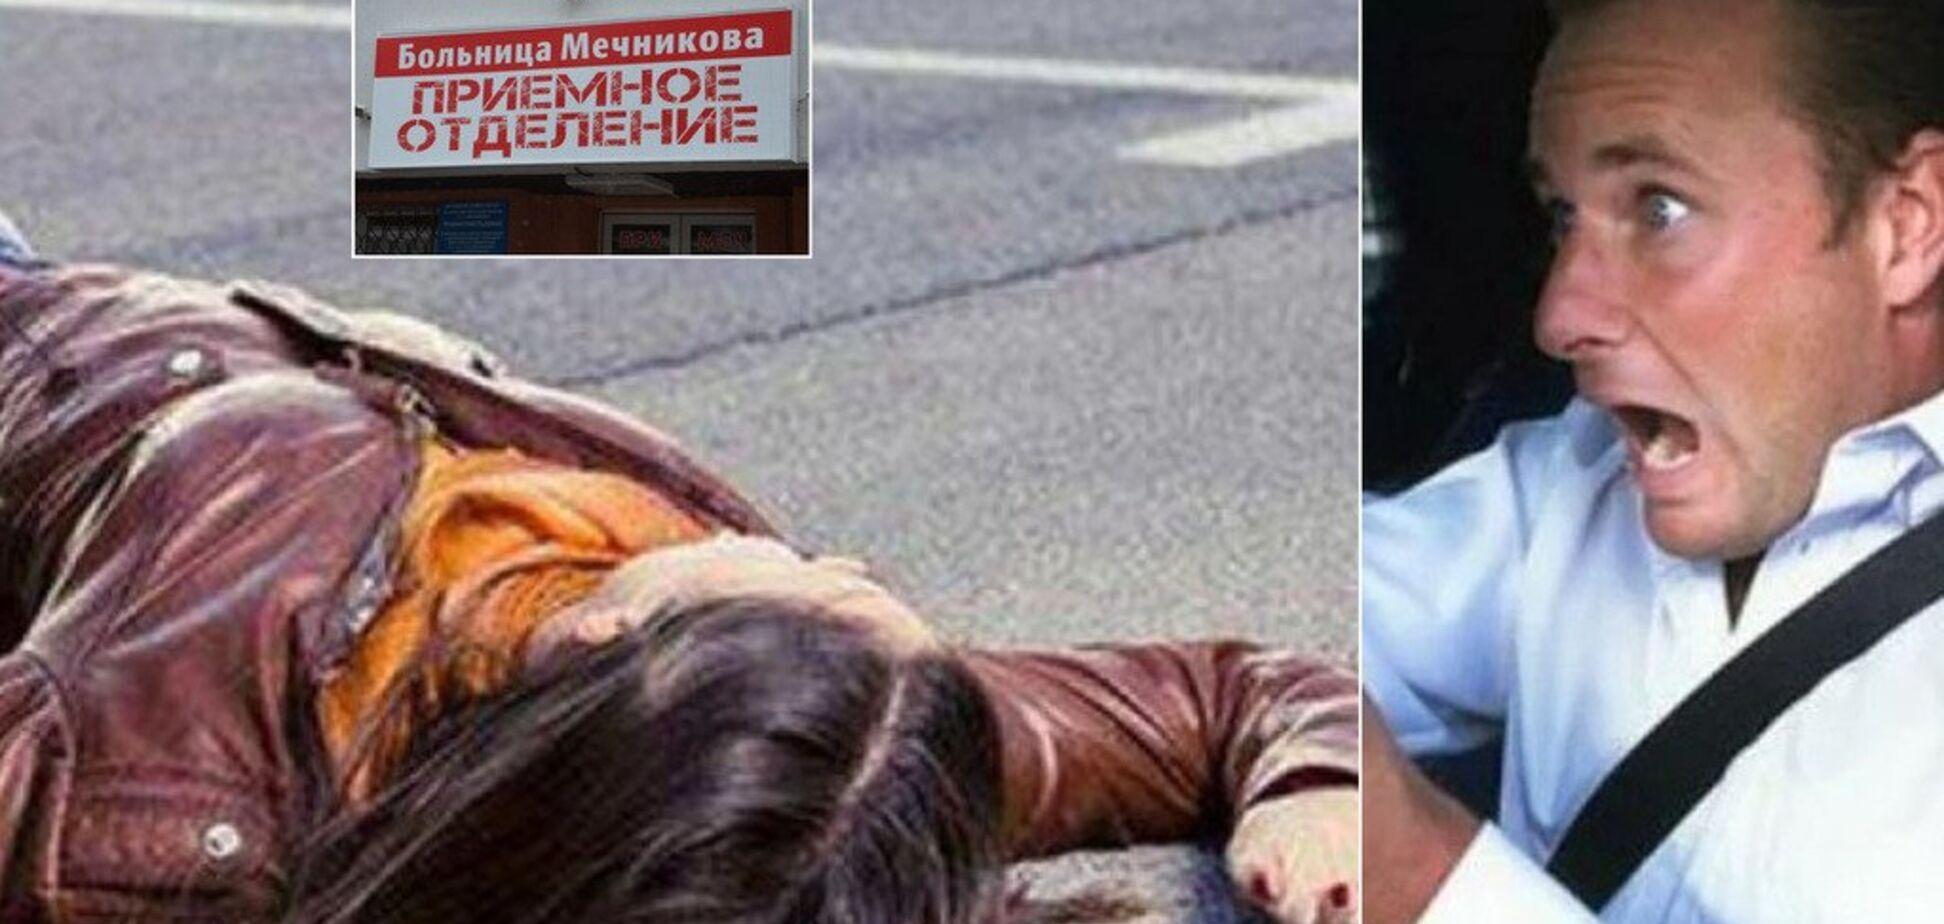 Двічі зупинялося серце: з'явилися деталі про стан дівчини, збитої на 'зебрі' у Дніпрі